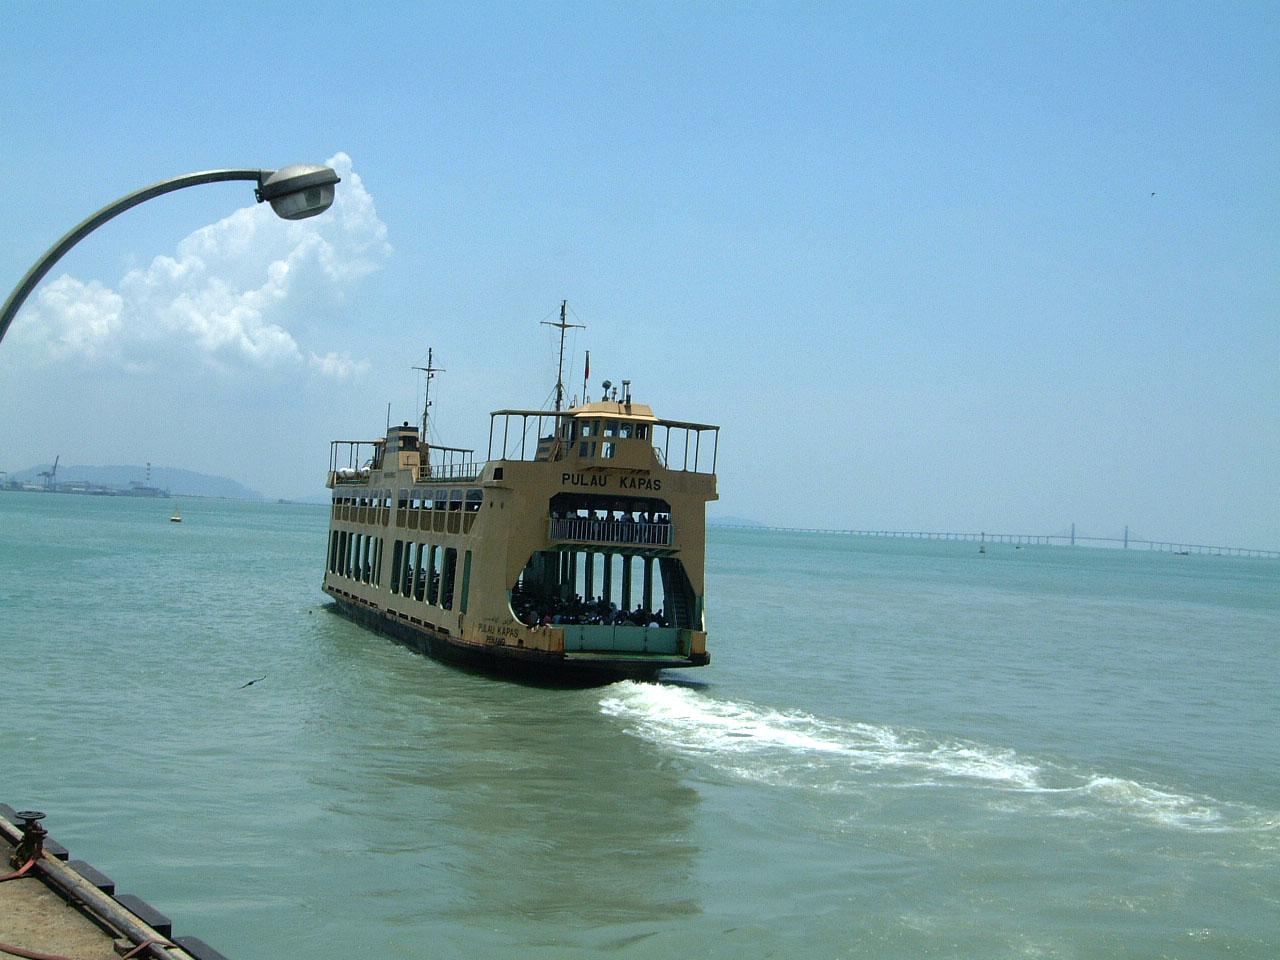 Penang Ferry Pulau Kapas Mar 2001 02